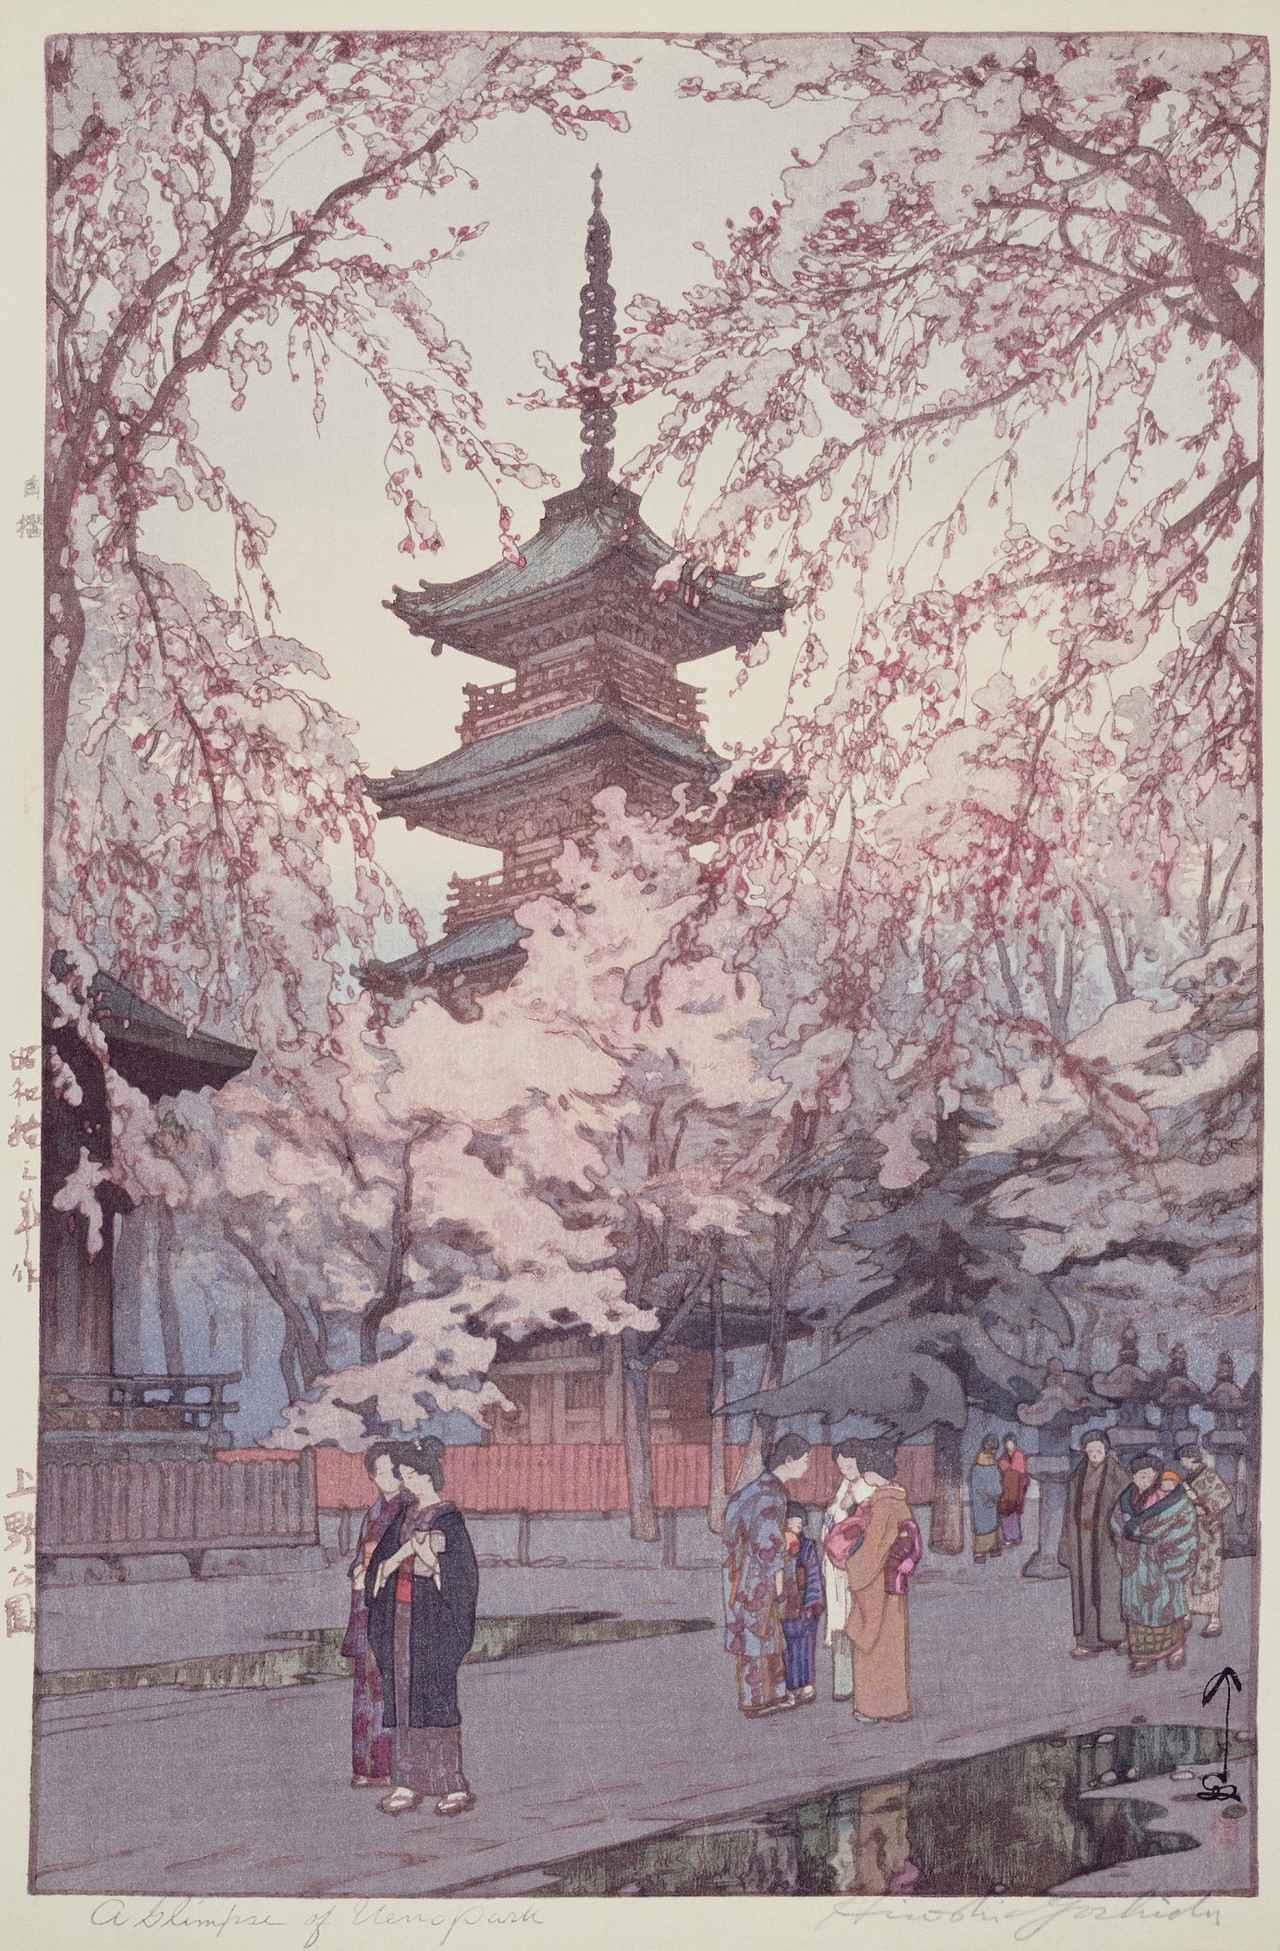 画像: 《上野公園》 昭和13(1938)年 木版、紙 37.6×24.8cm